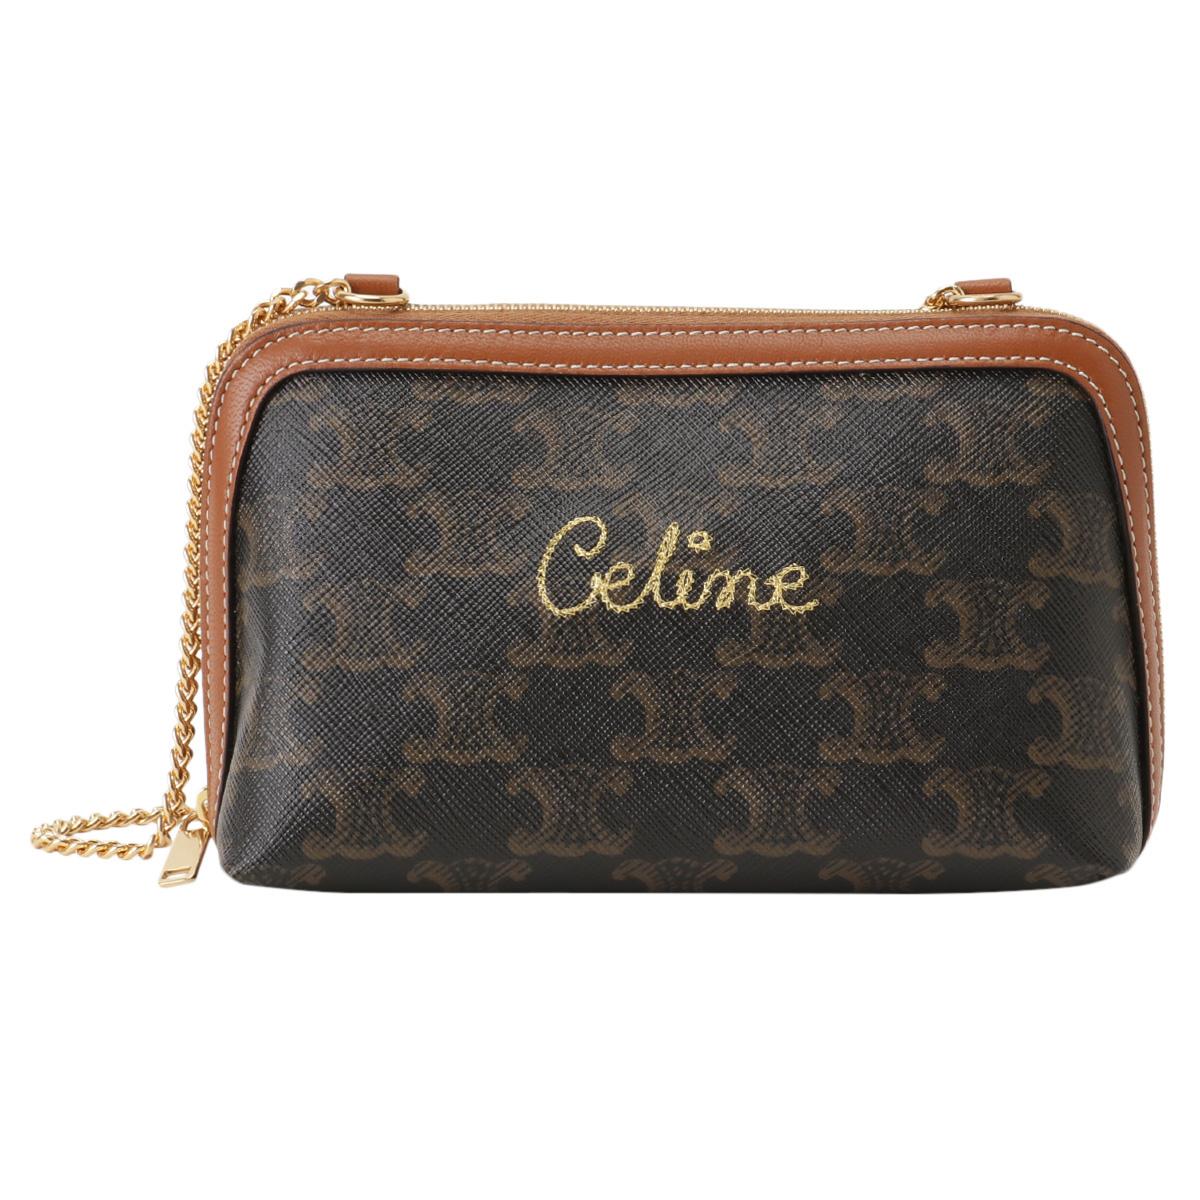 【即納】セリーヌ Celine レディース バッグ ショルダーバッグ【Clutch With Chain 10E382CCH】BROWN クラッチバッグ 2way マカダム トリオンフ